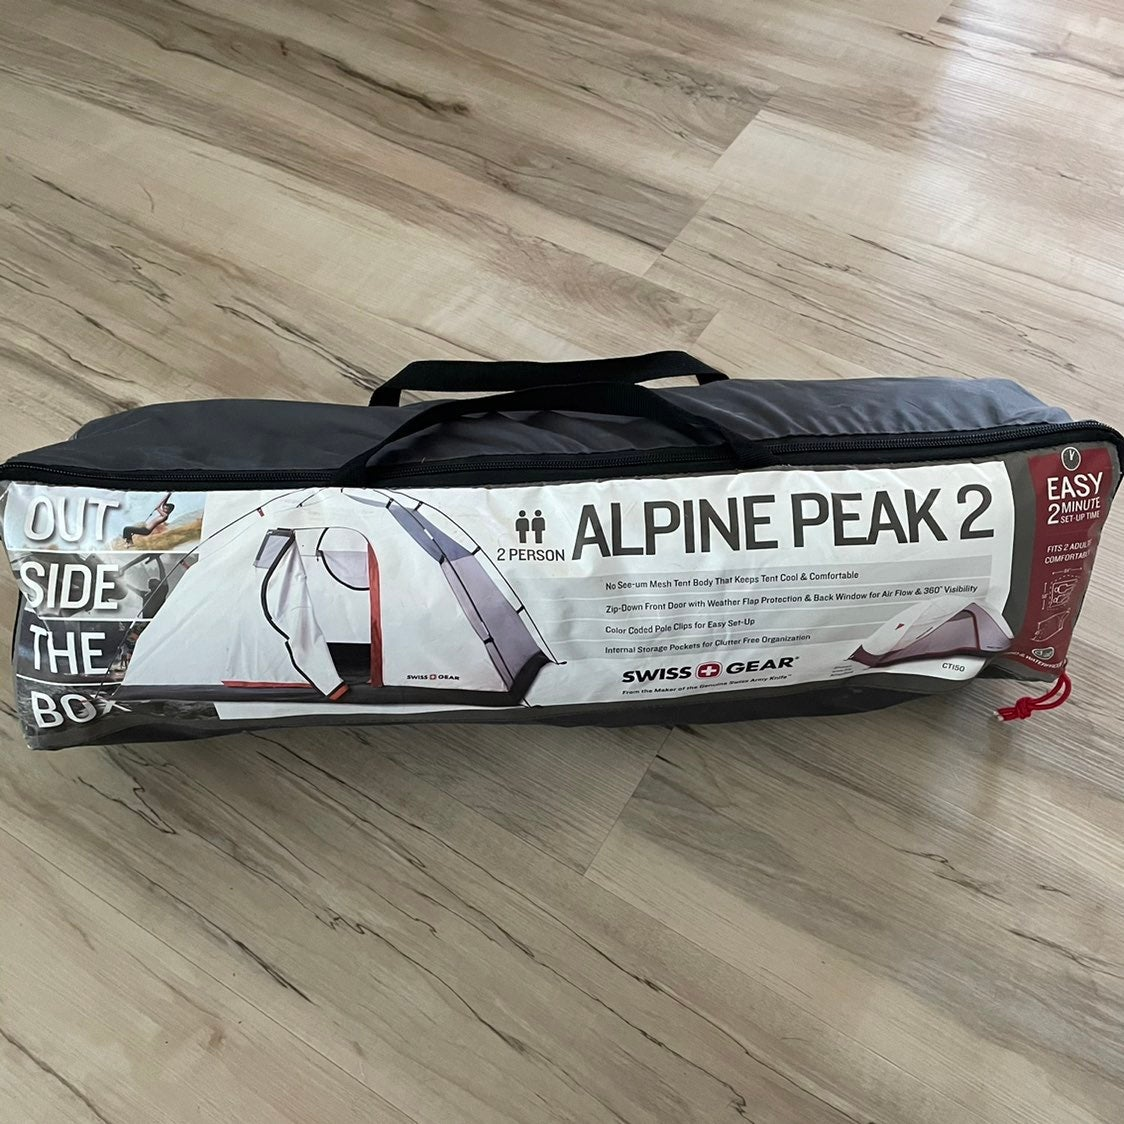 Swiss Gear Alpine Peak 2